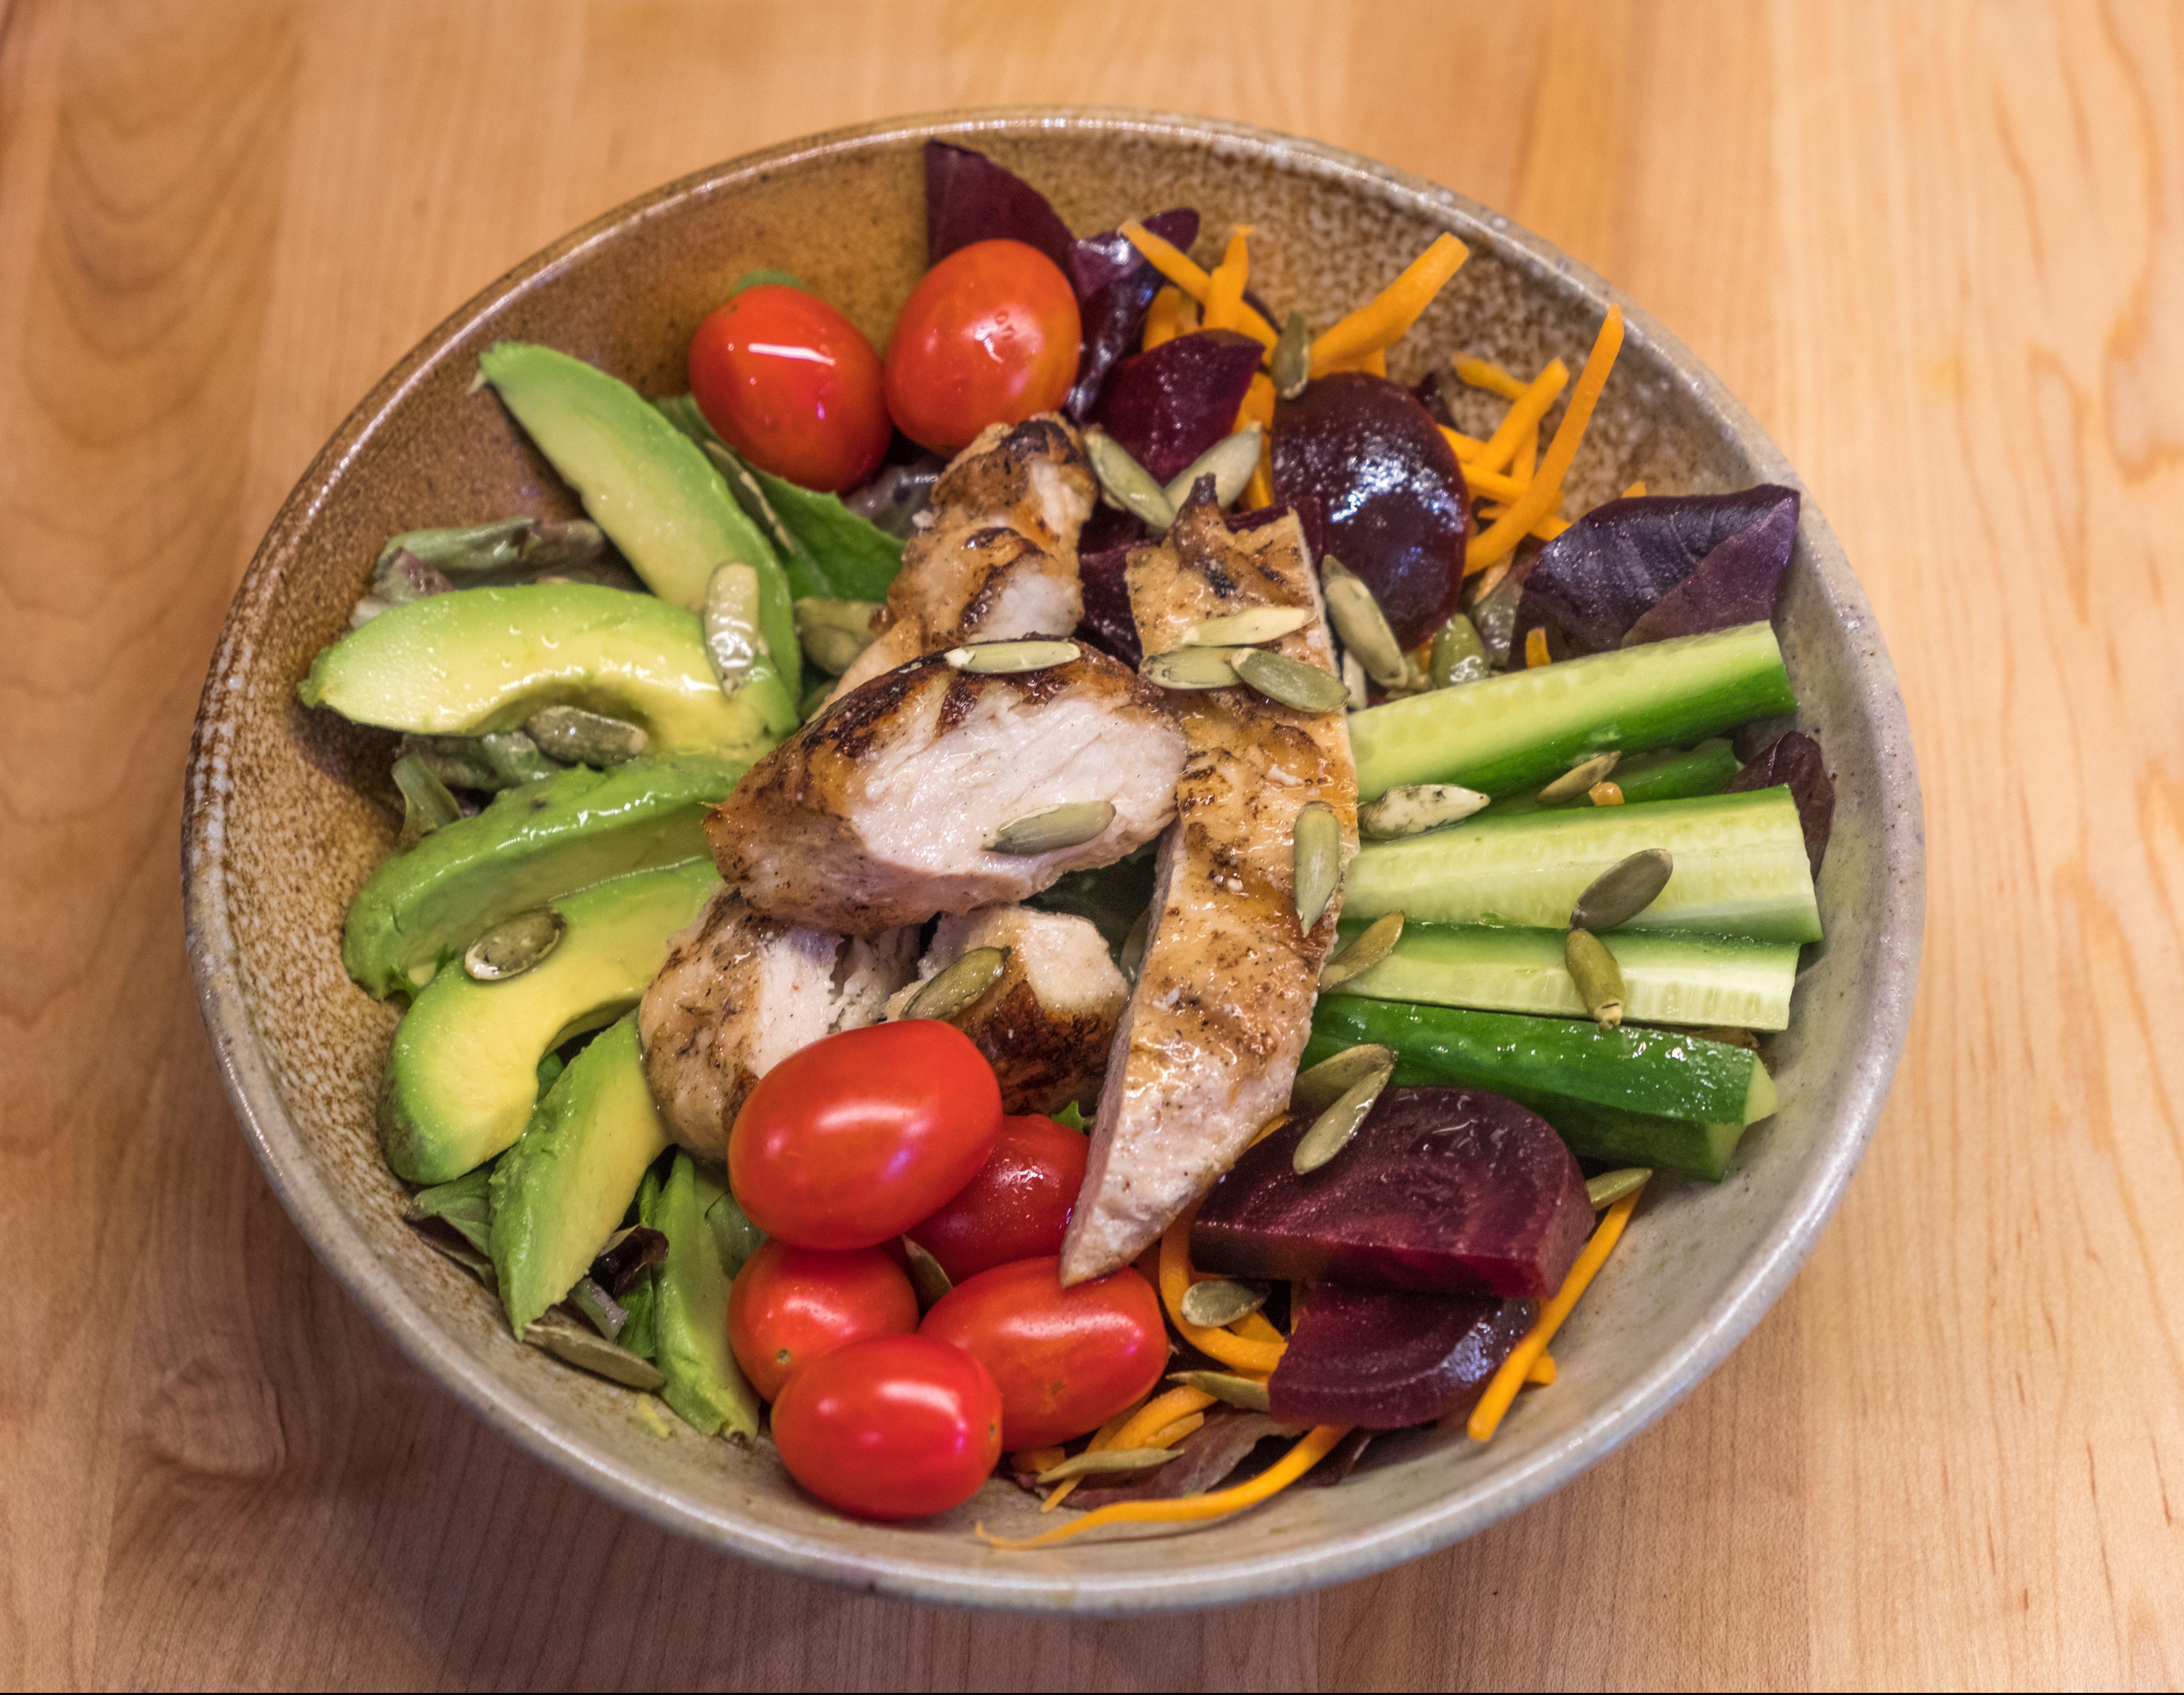 Salad pic